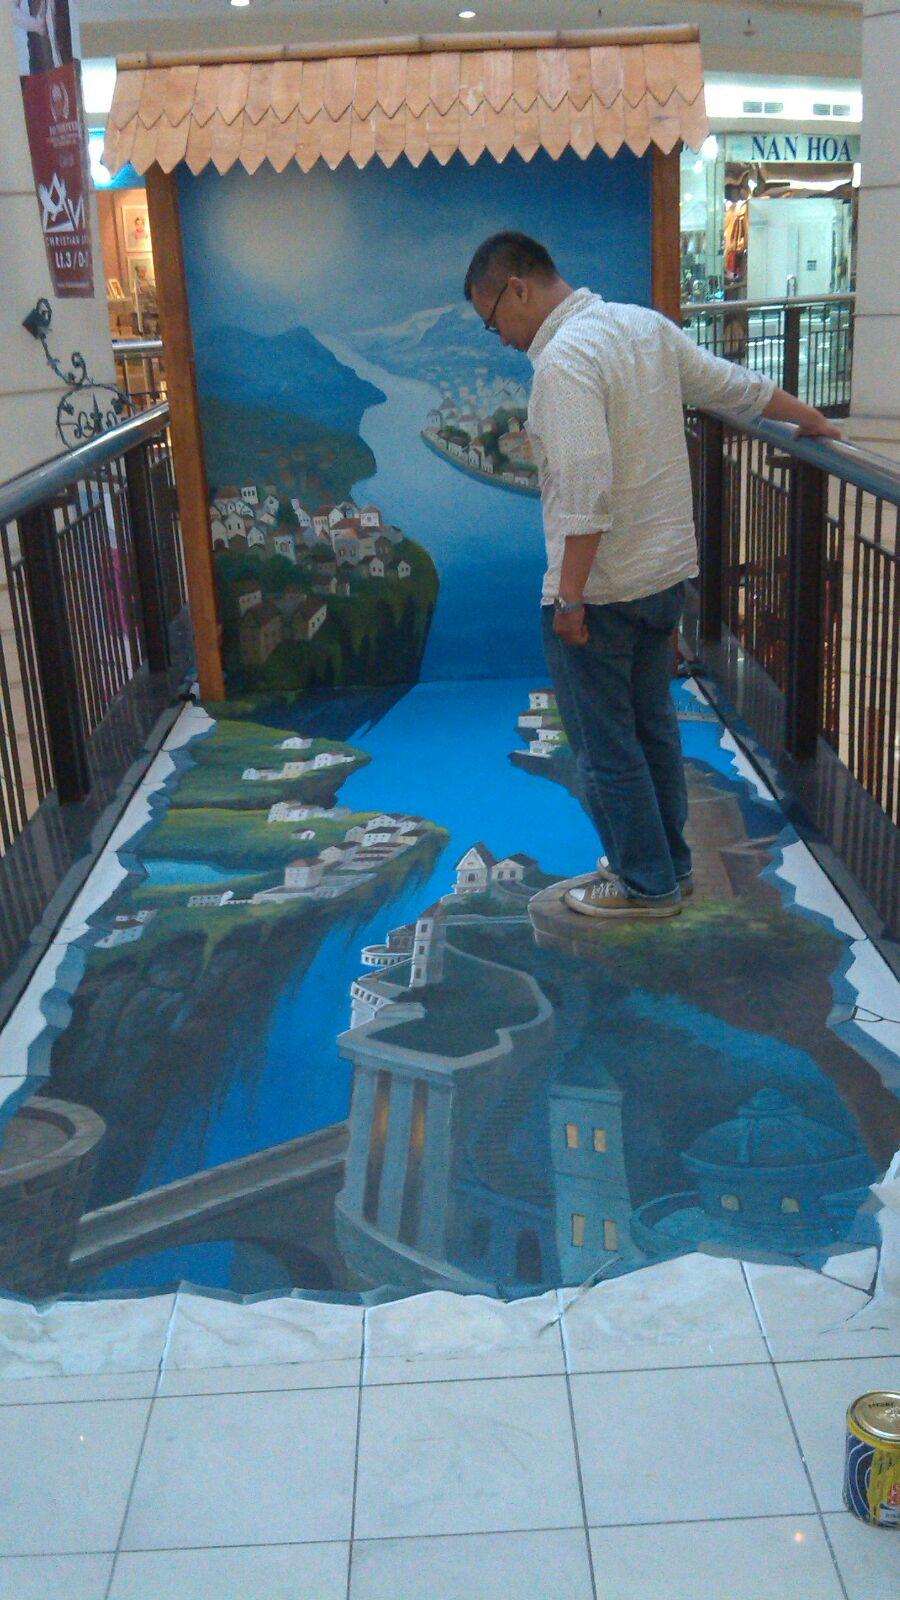 Mural Art Mural Cafe Mural Indonesia Update Kabar